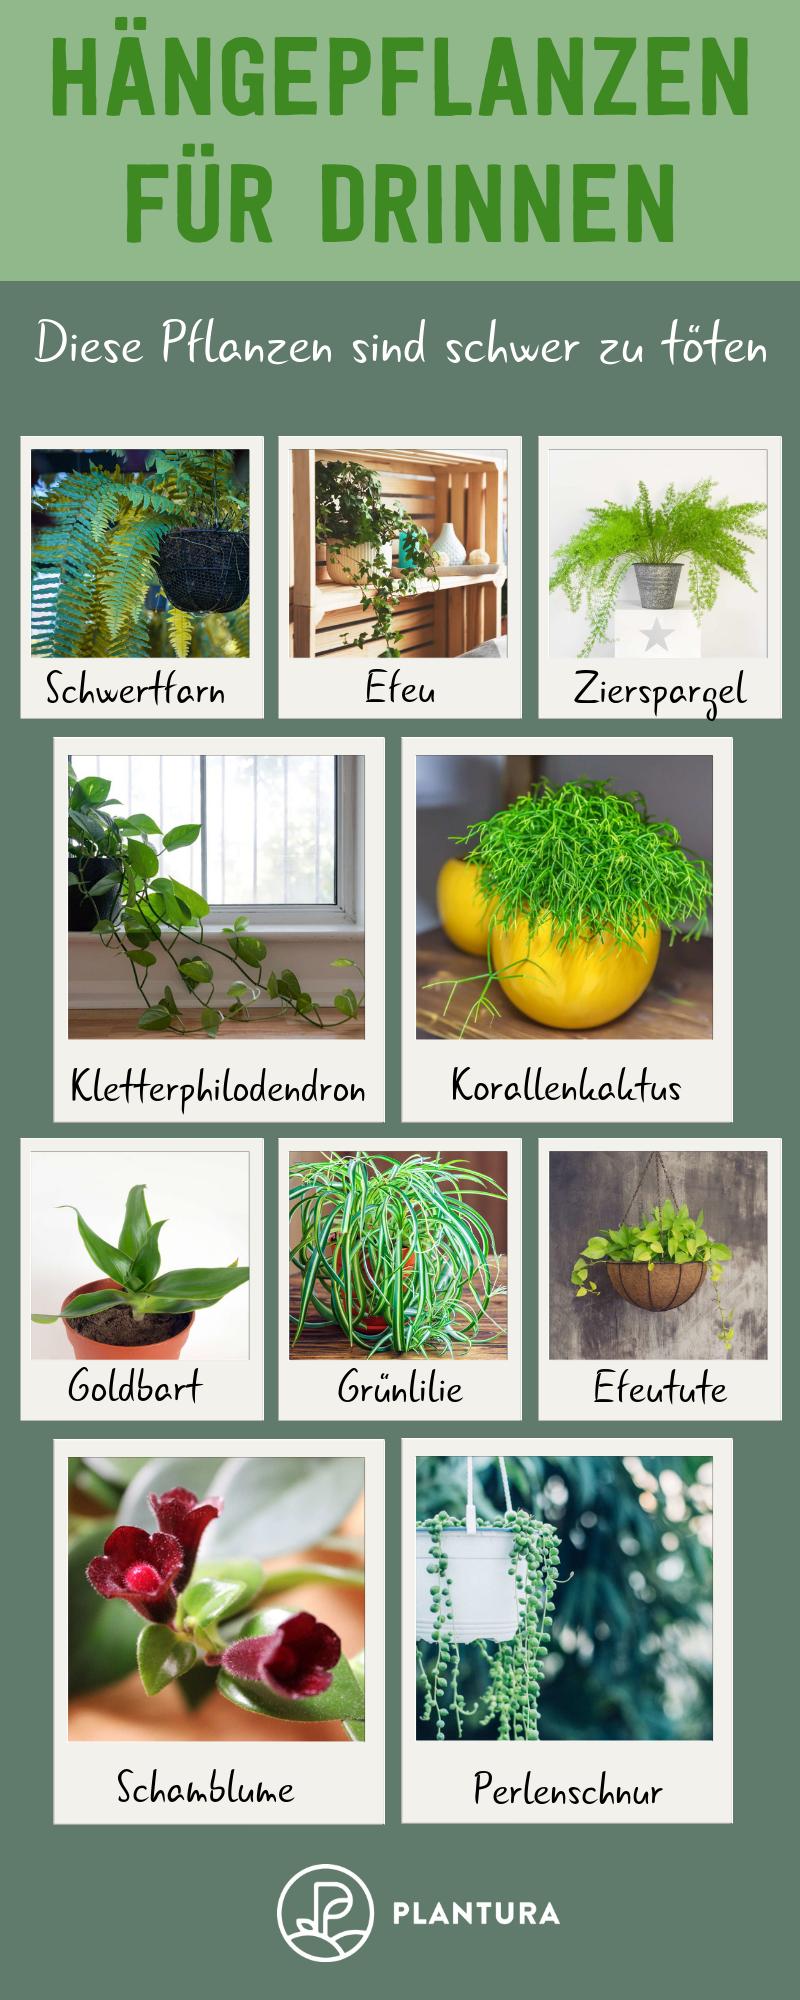 Hängepflanzen fürs Zimmer: Unsere Top 10 - Plantura